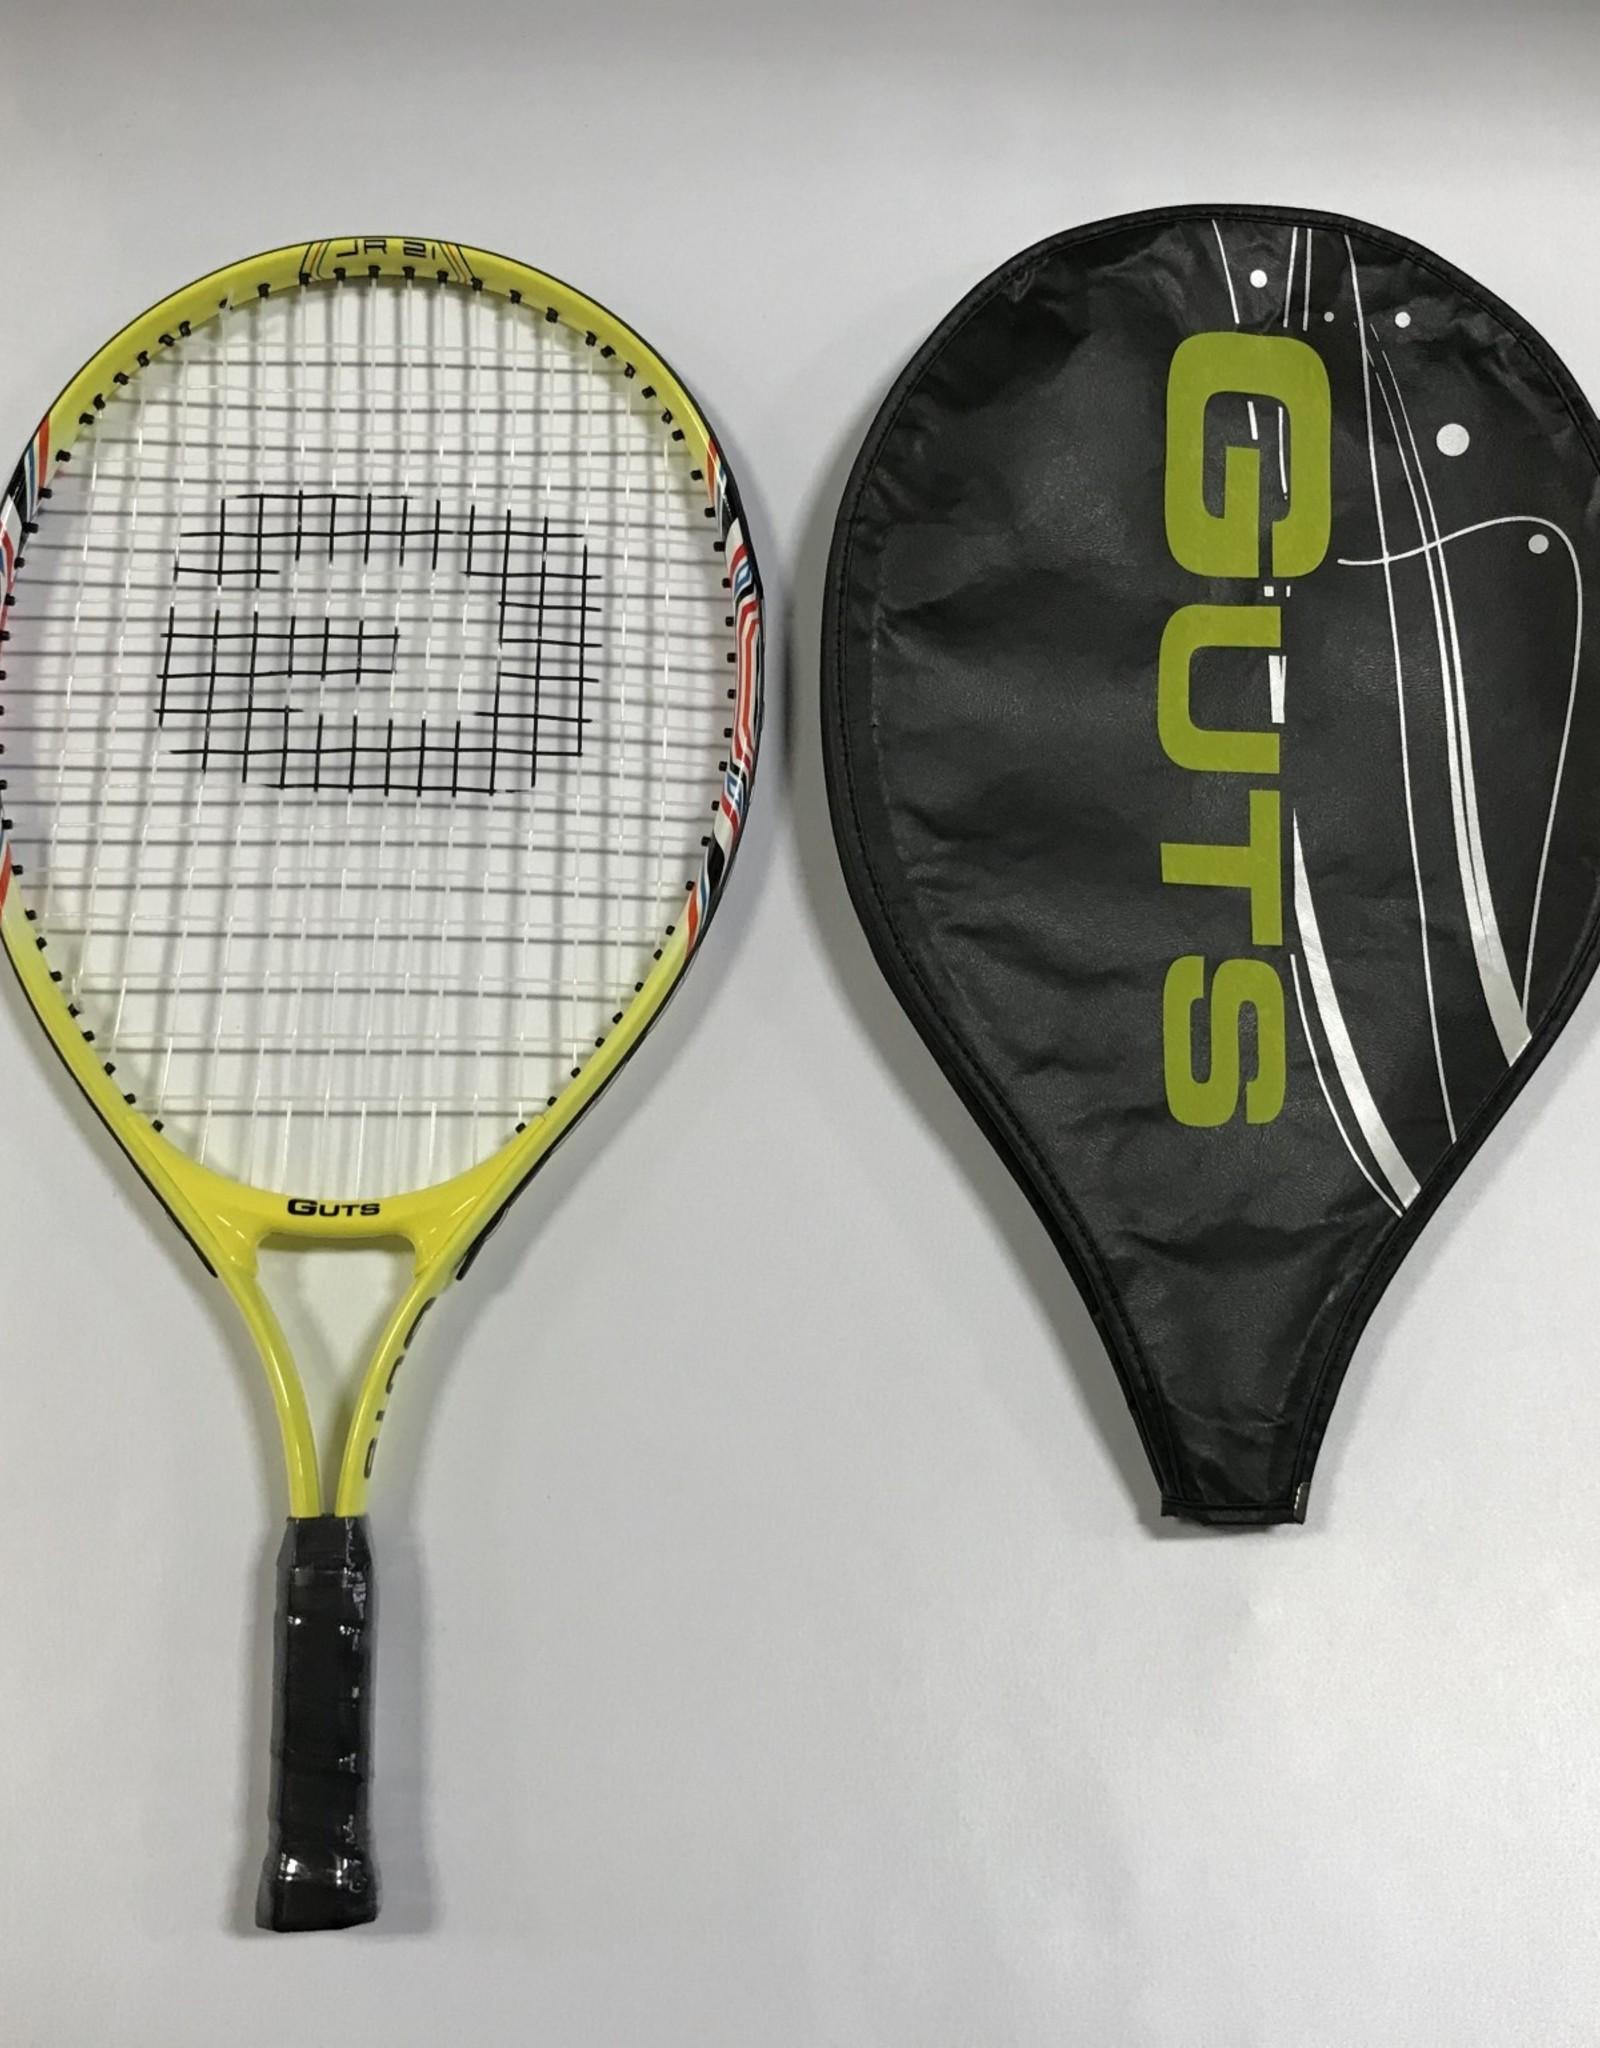 RAQUETTE TENNIS GUTS 2600 JAUNE